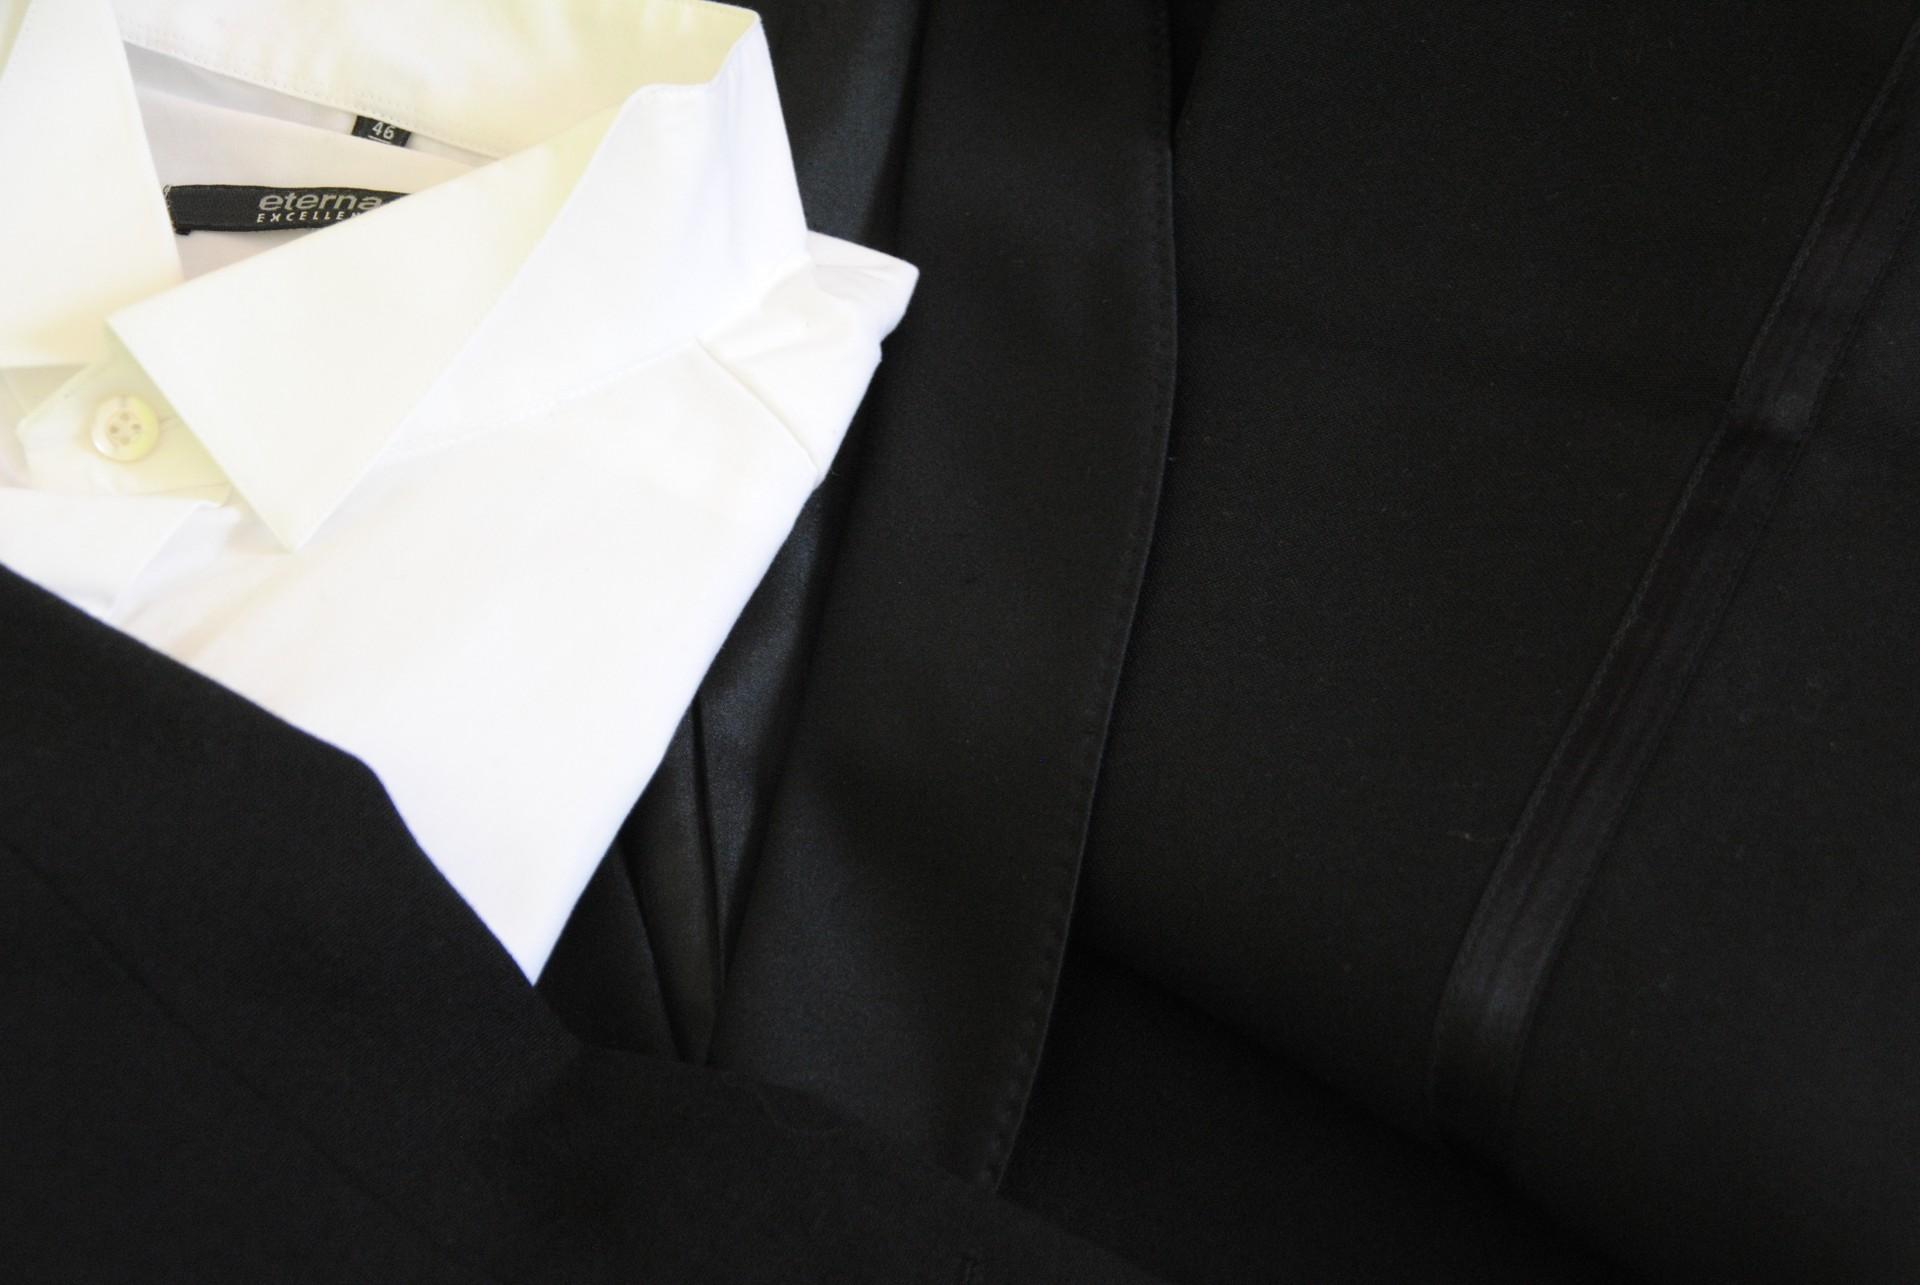 hinten im Kleiderschrank: Smoking und Hemd